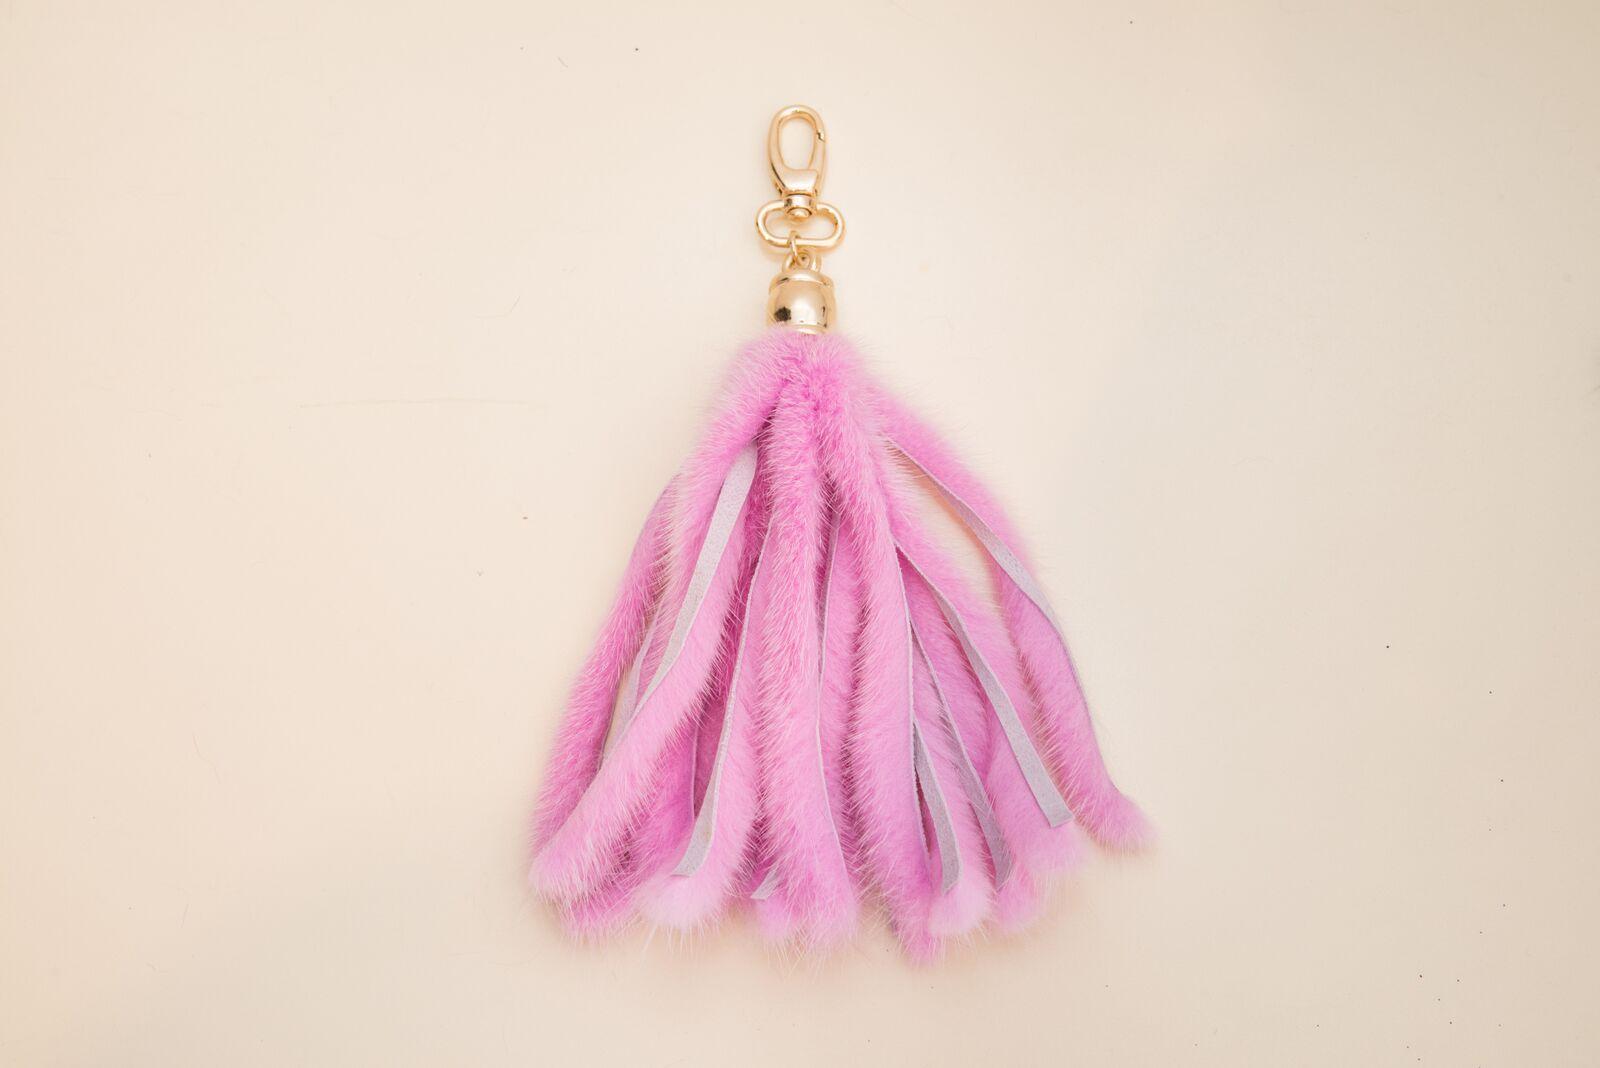 bright pink tasselled mink keychain